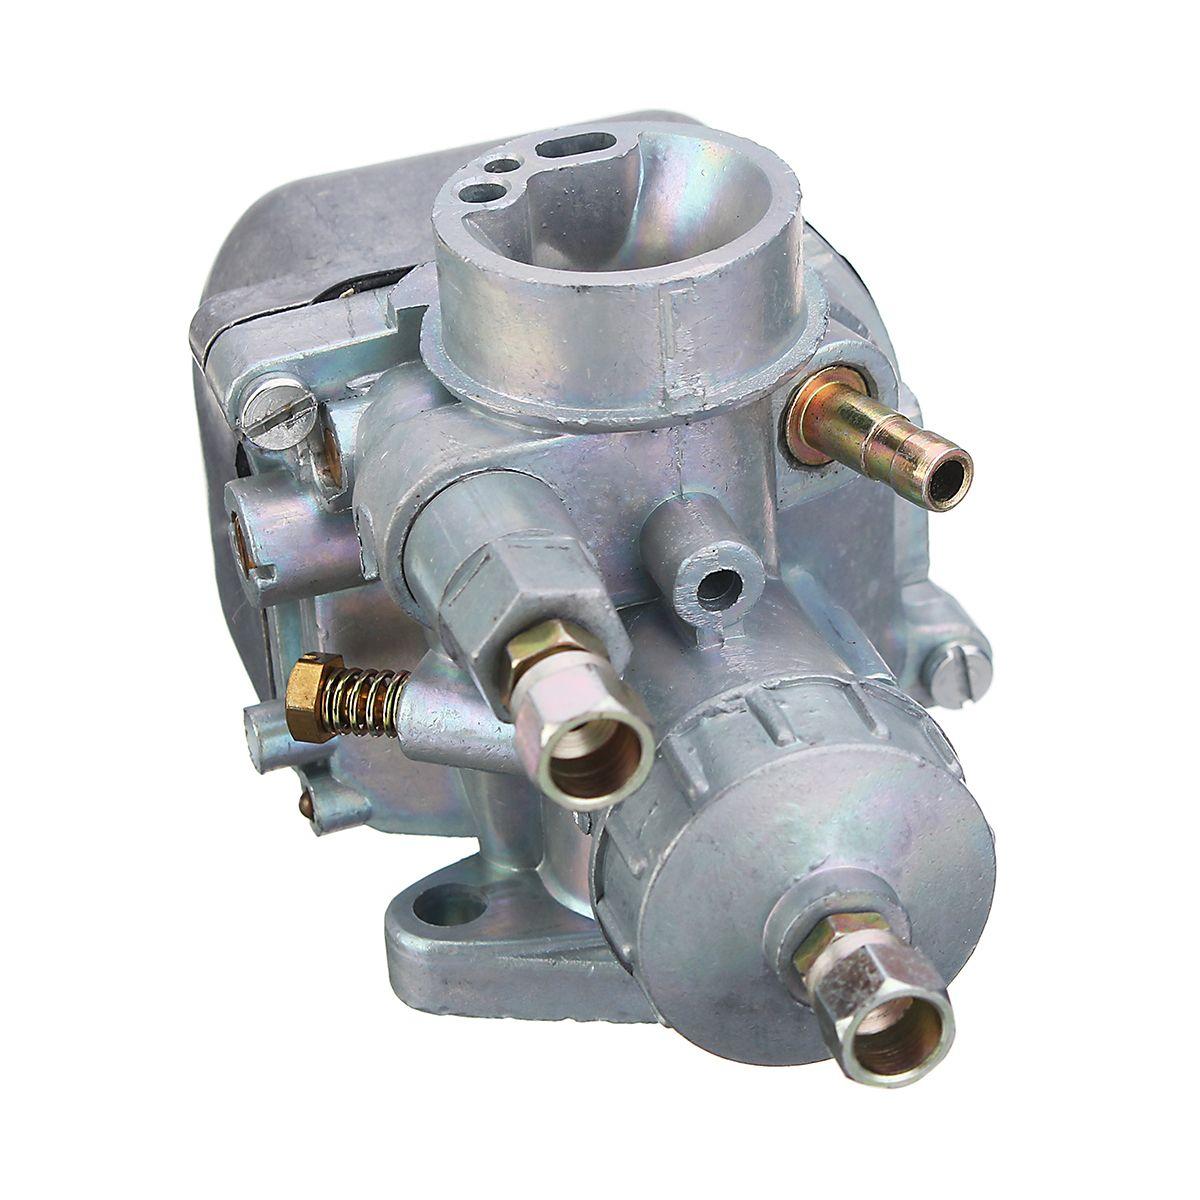 Für Simson S50 S51 S70 16N1-11 Vergaser Silber Motor Carb Auto Auto